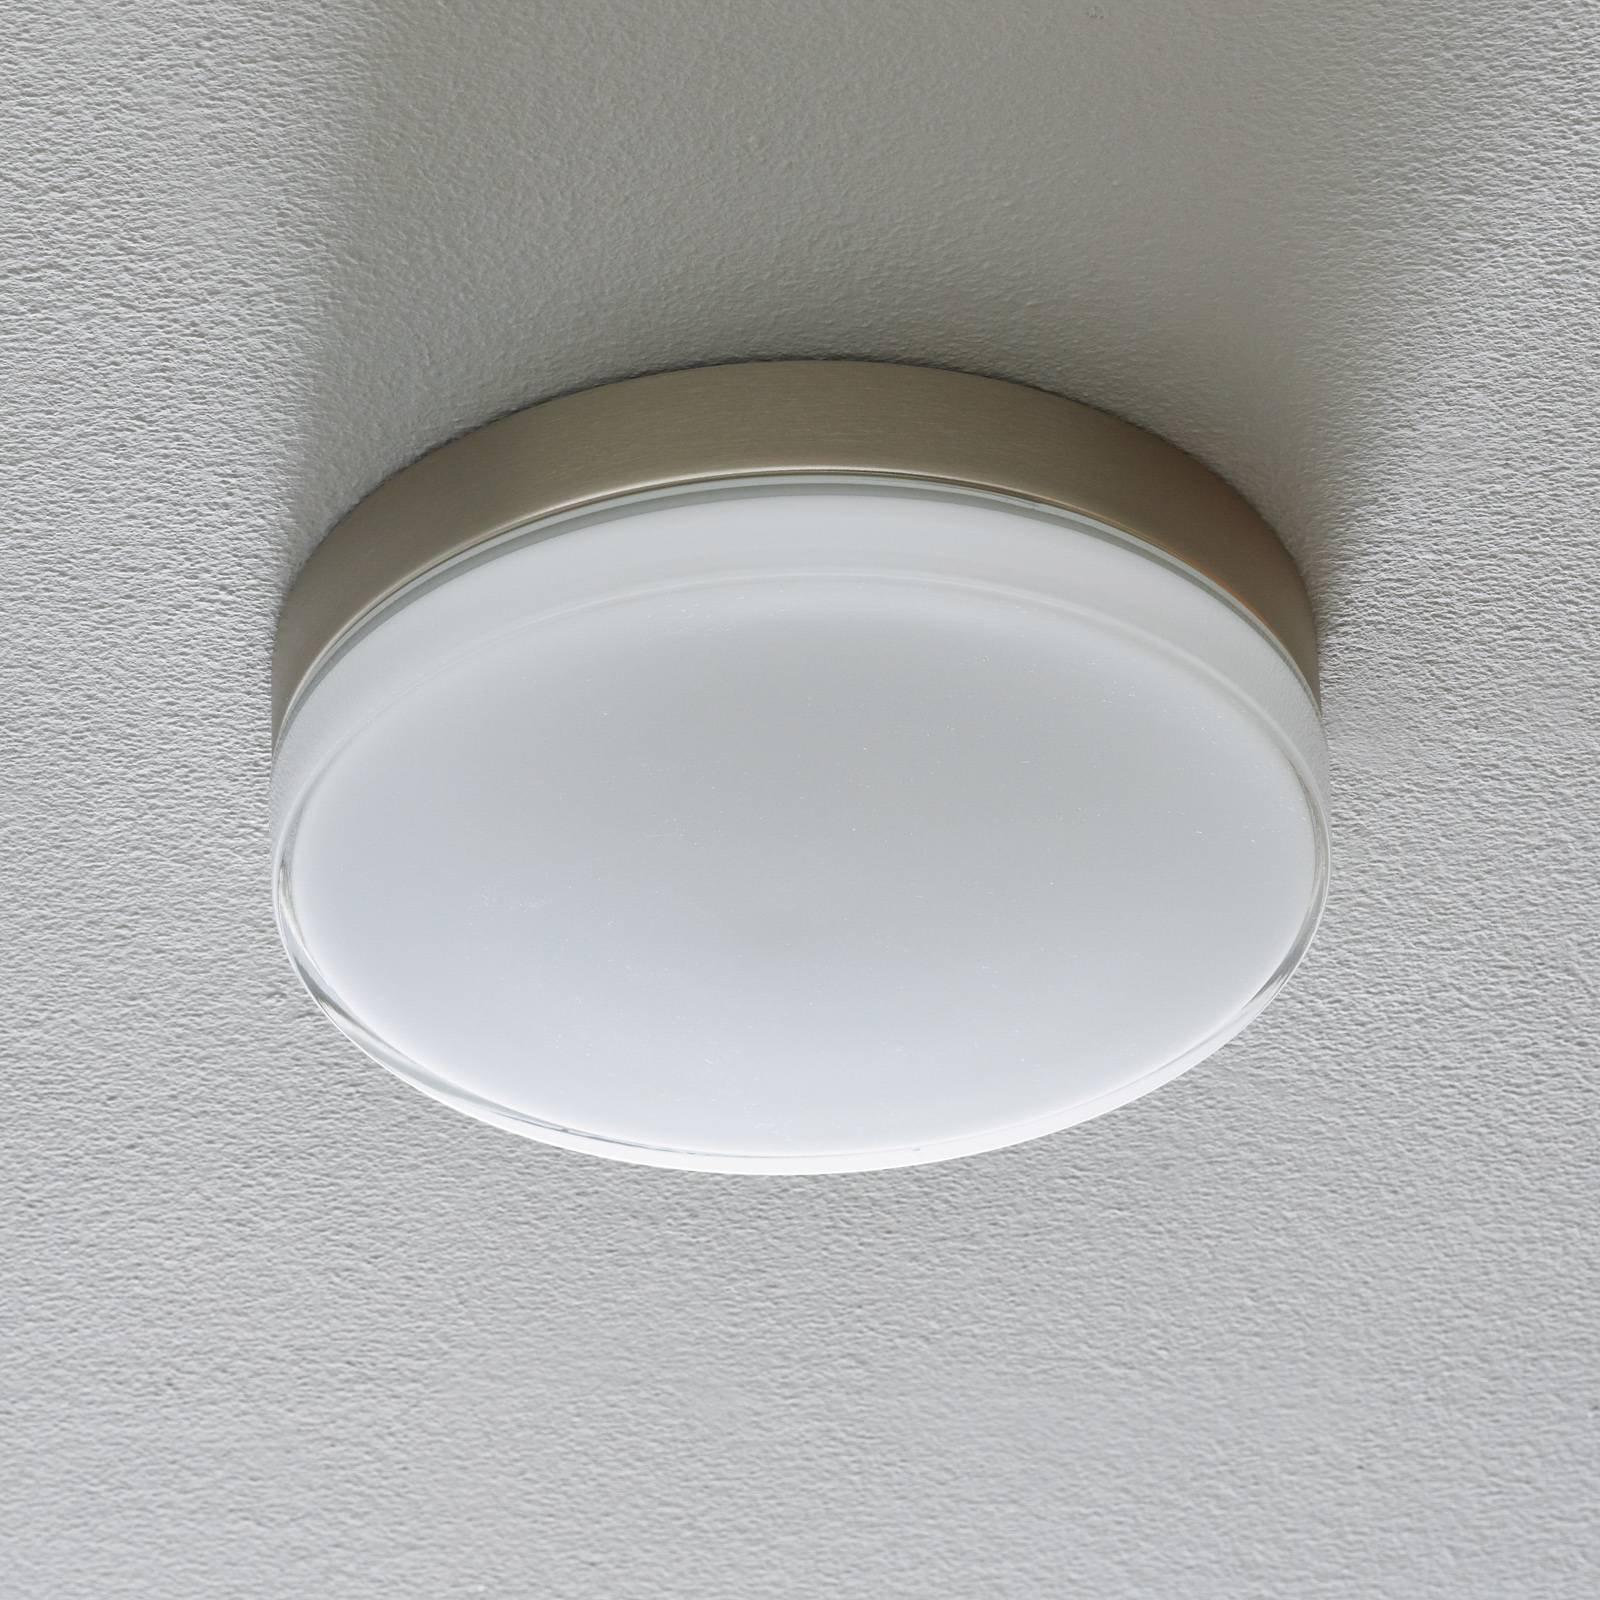 BEGA 12128 LED-taklampe DALI 930 stål, 26 cm